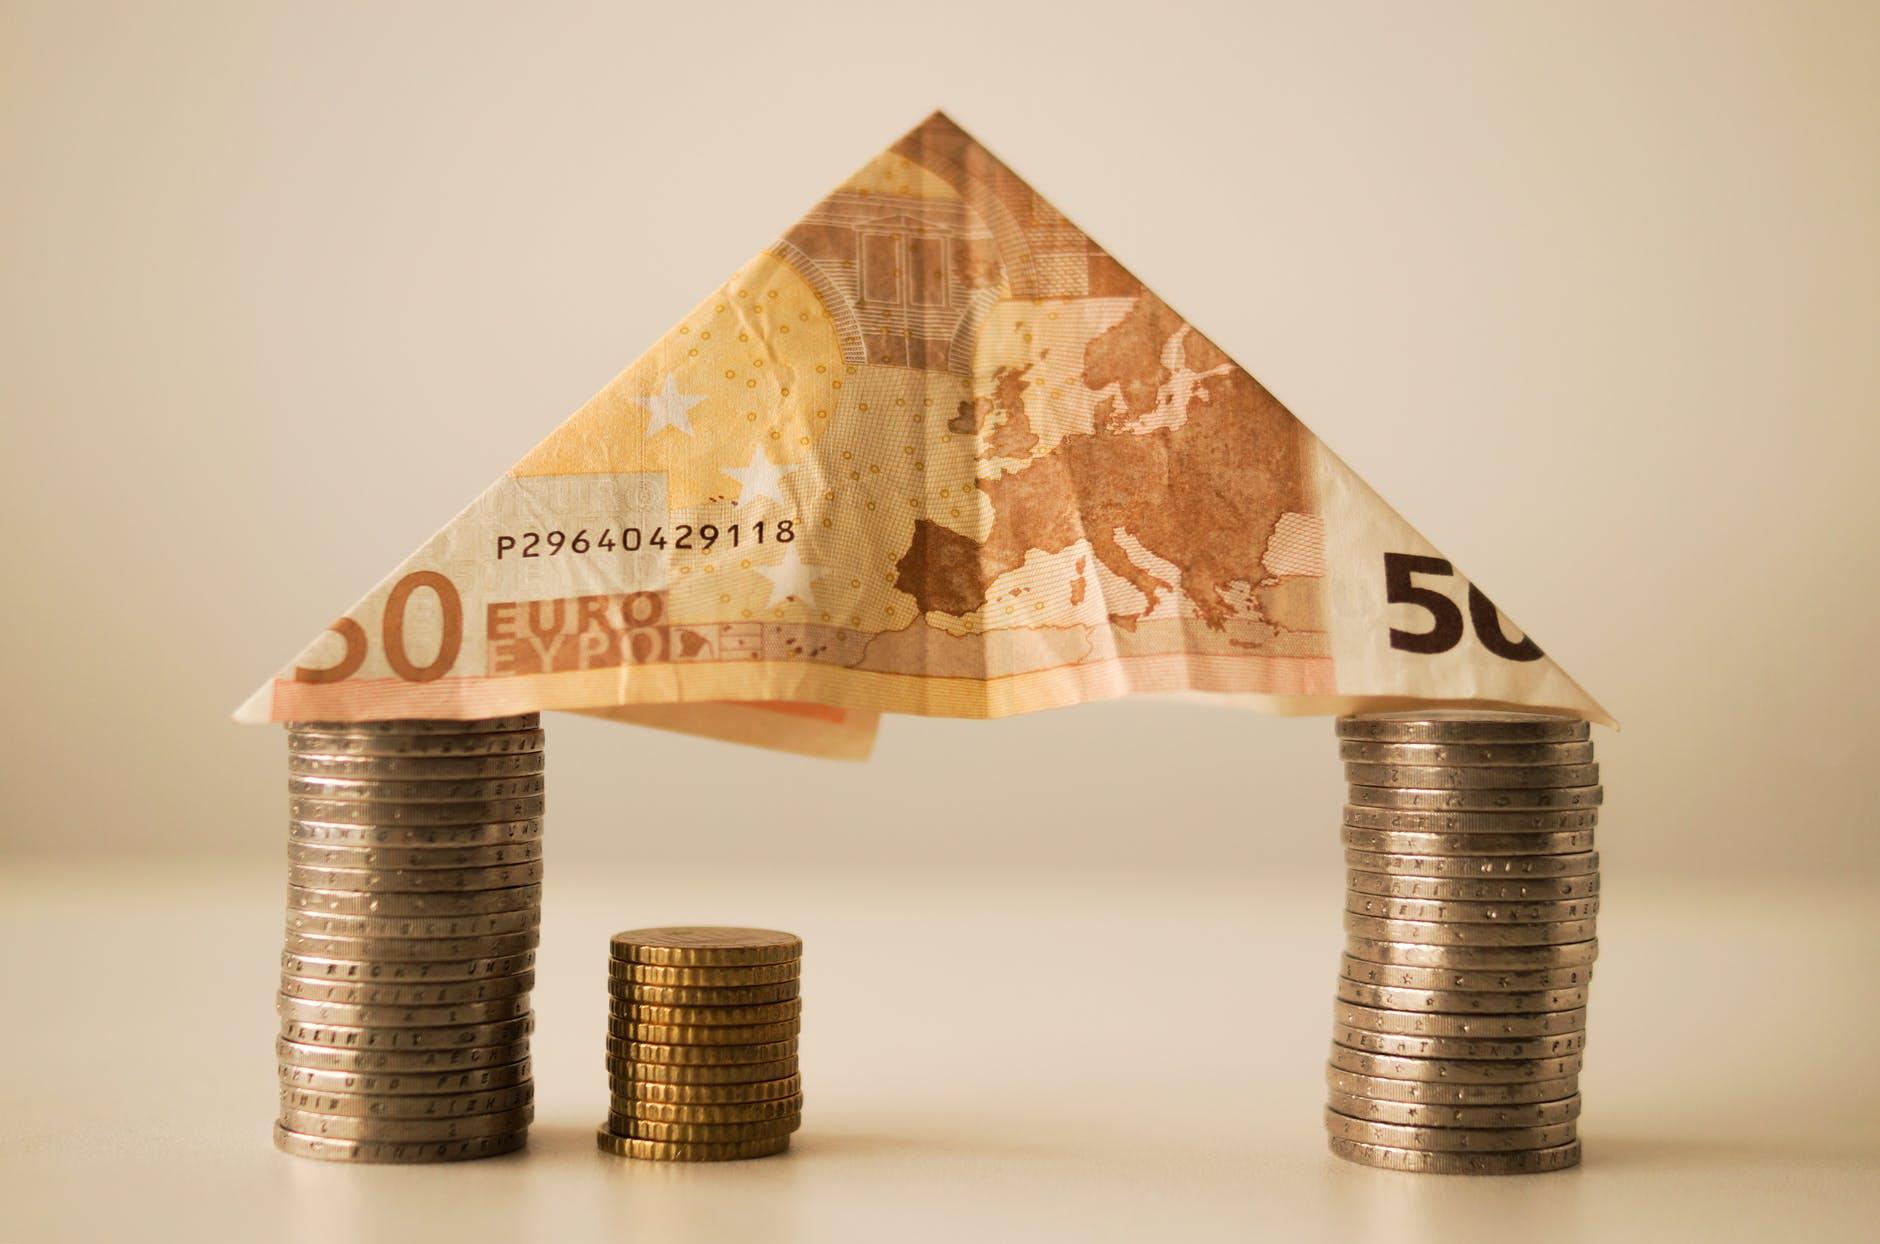 Belasting aan de Costa Blanca: het prijskaartje voor het paradijs!